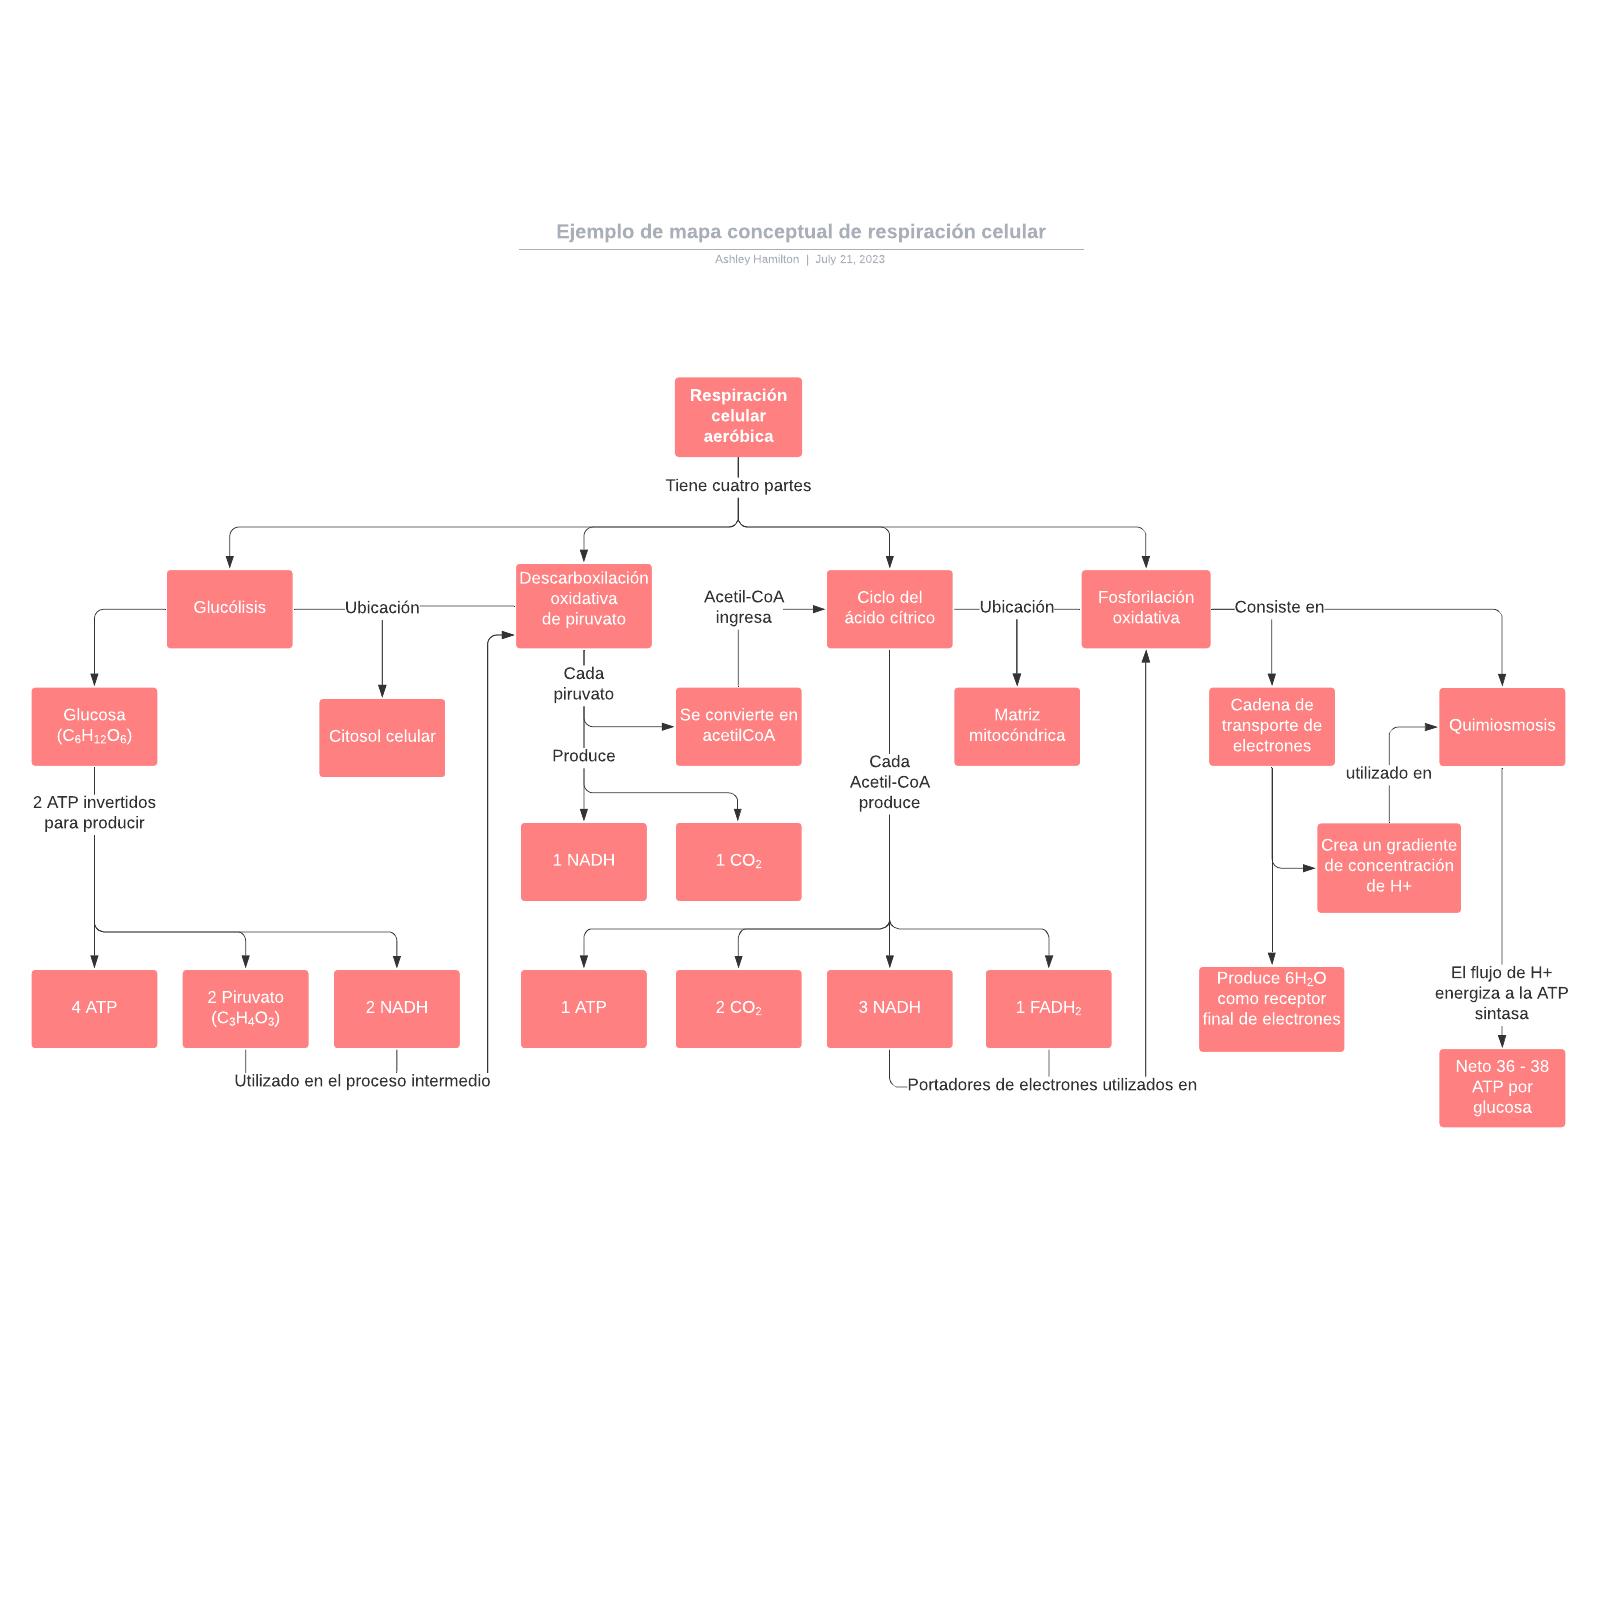 Ejemplo de mapa conceptual de respiración celular